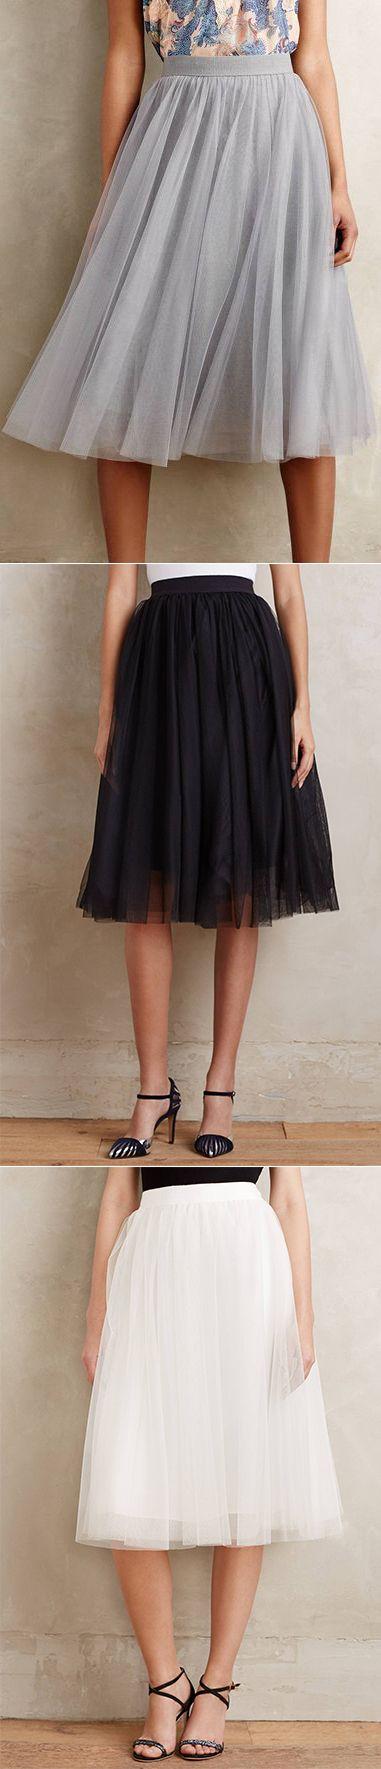 смотреть бесплатно фотографиипод юбку